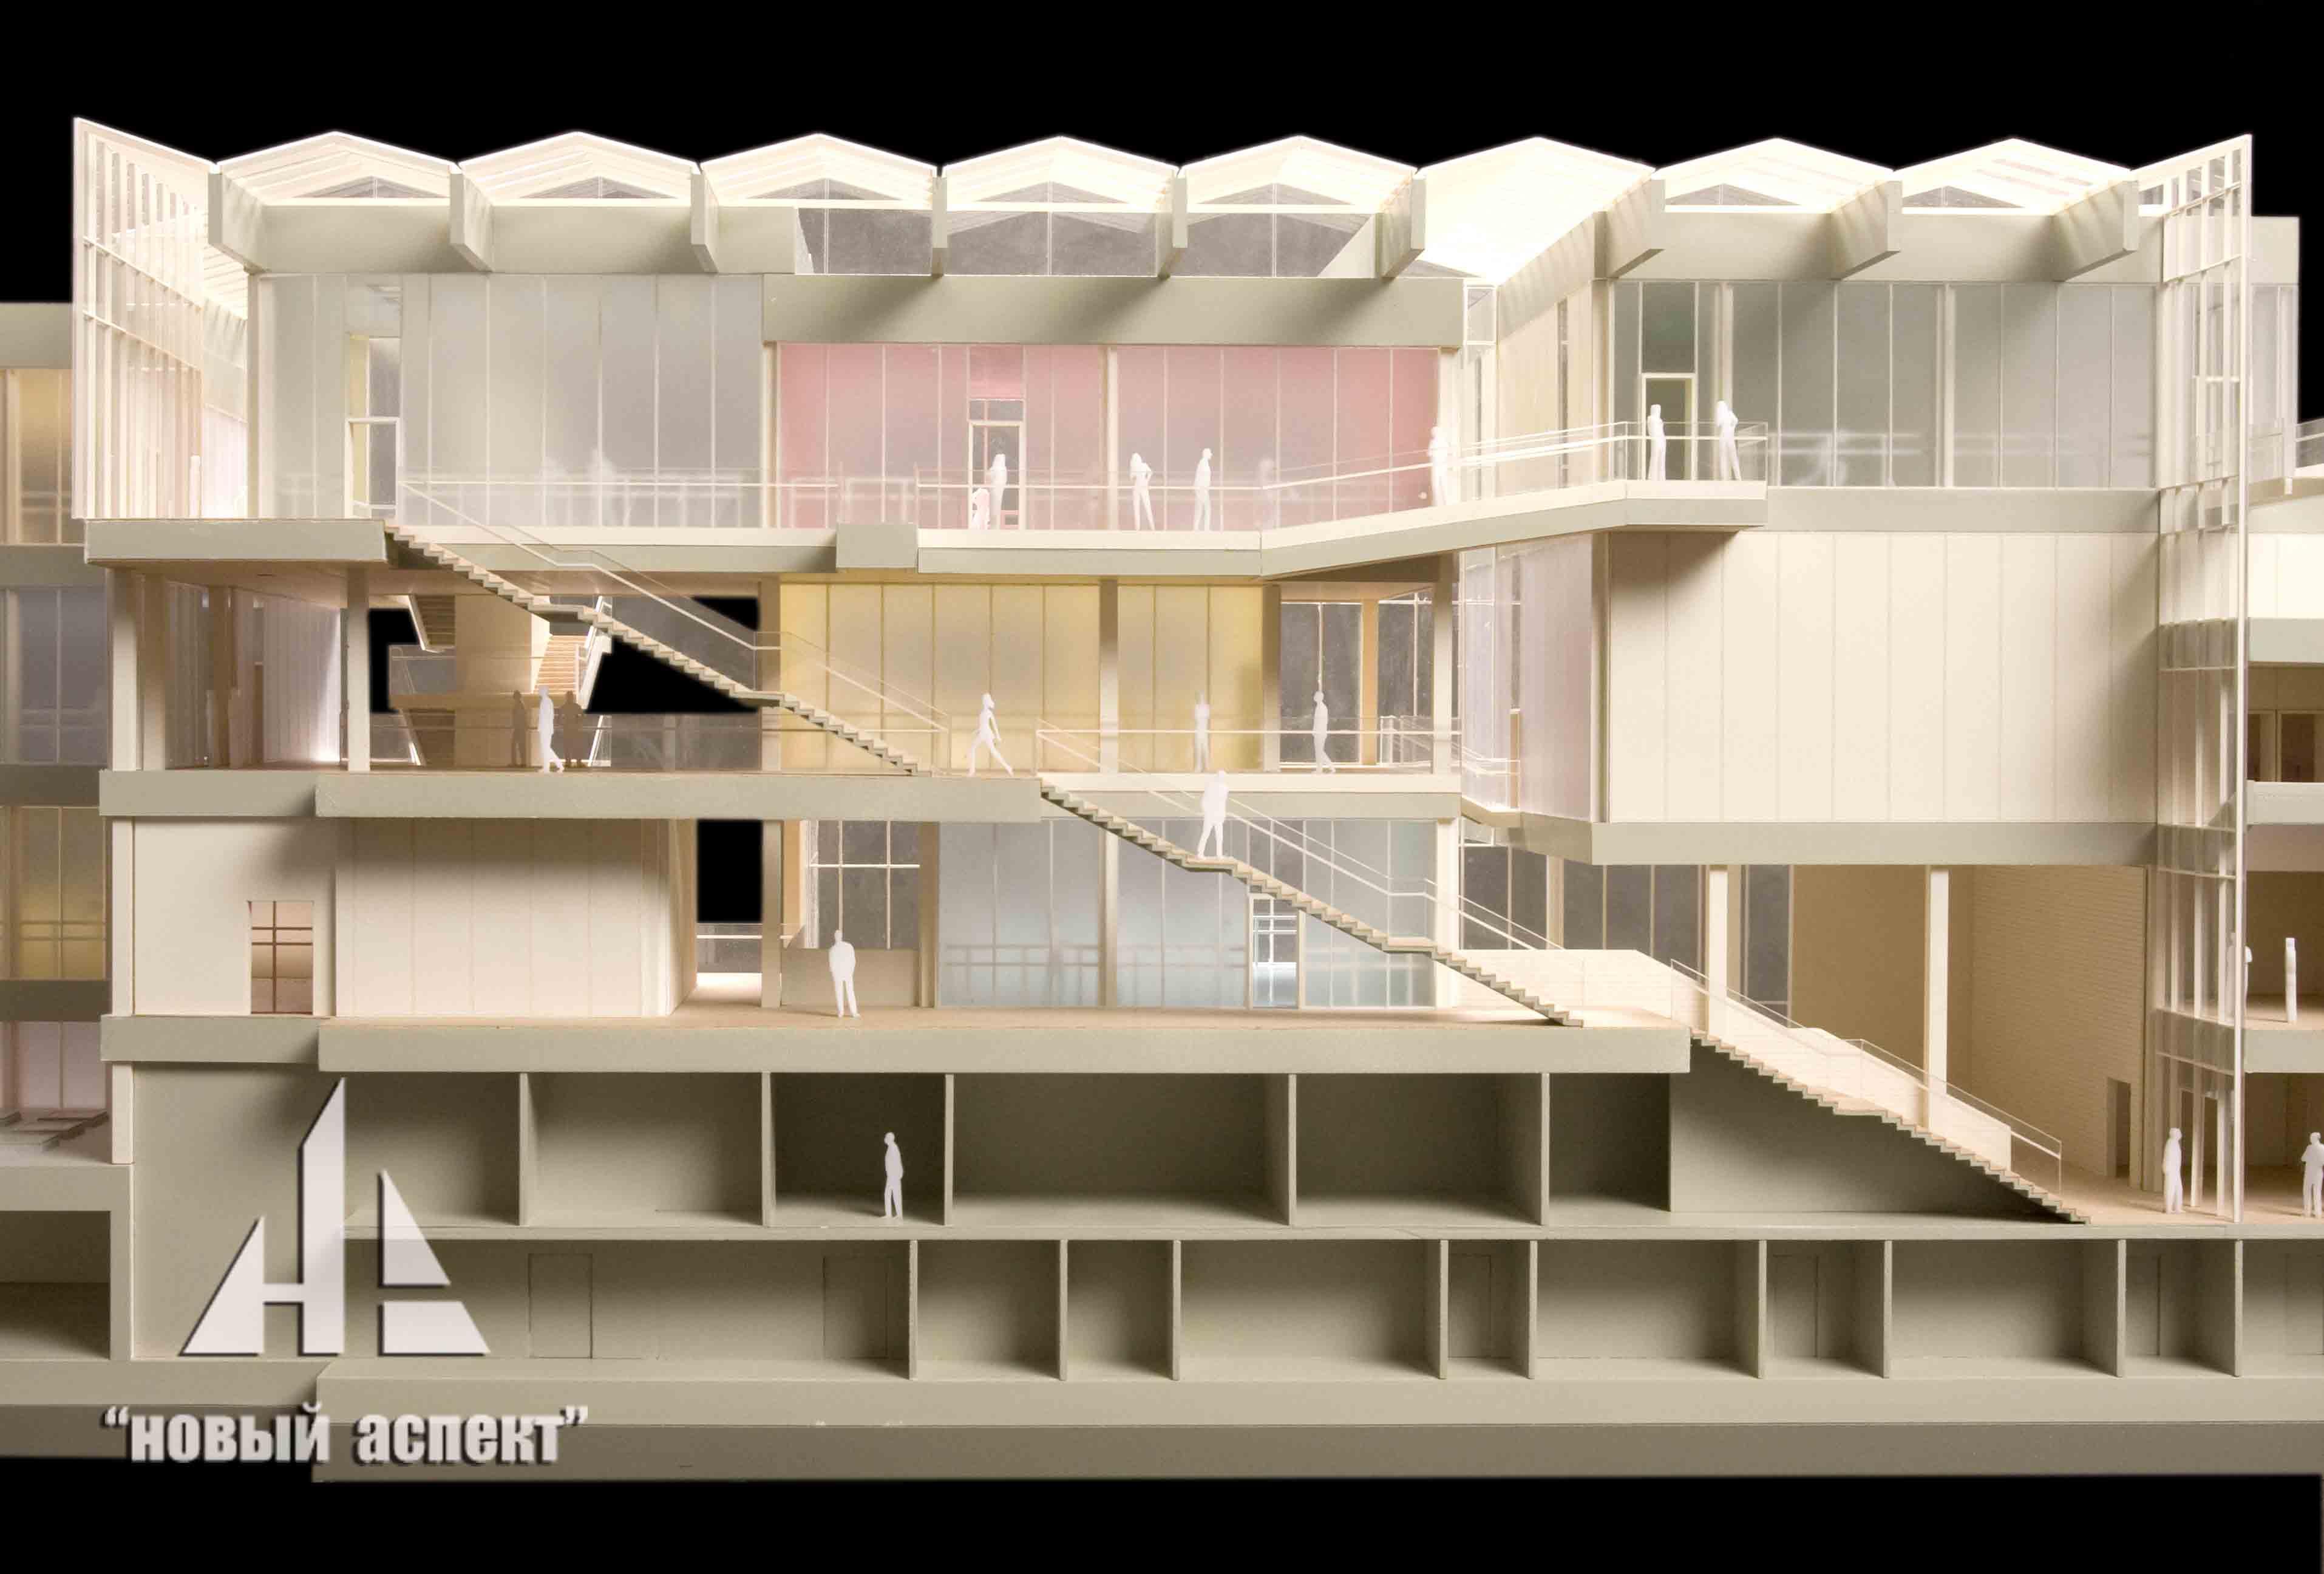 Макеты общественных зданий, Эйфман (5)